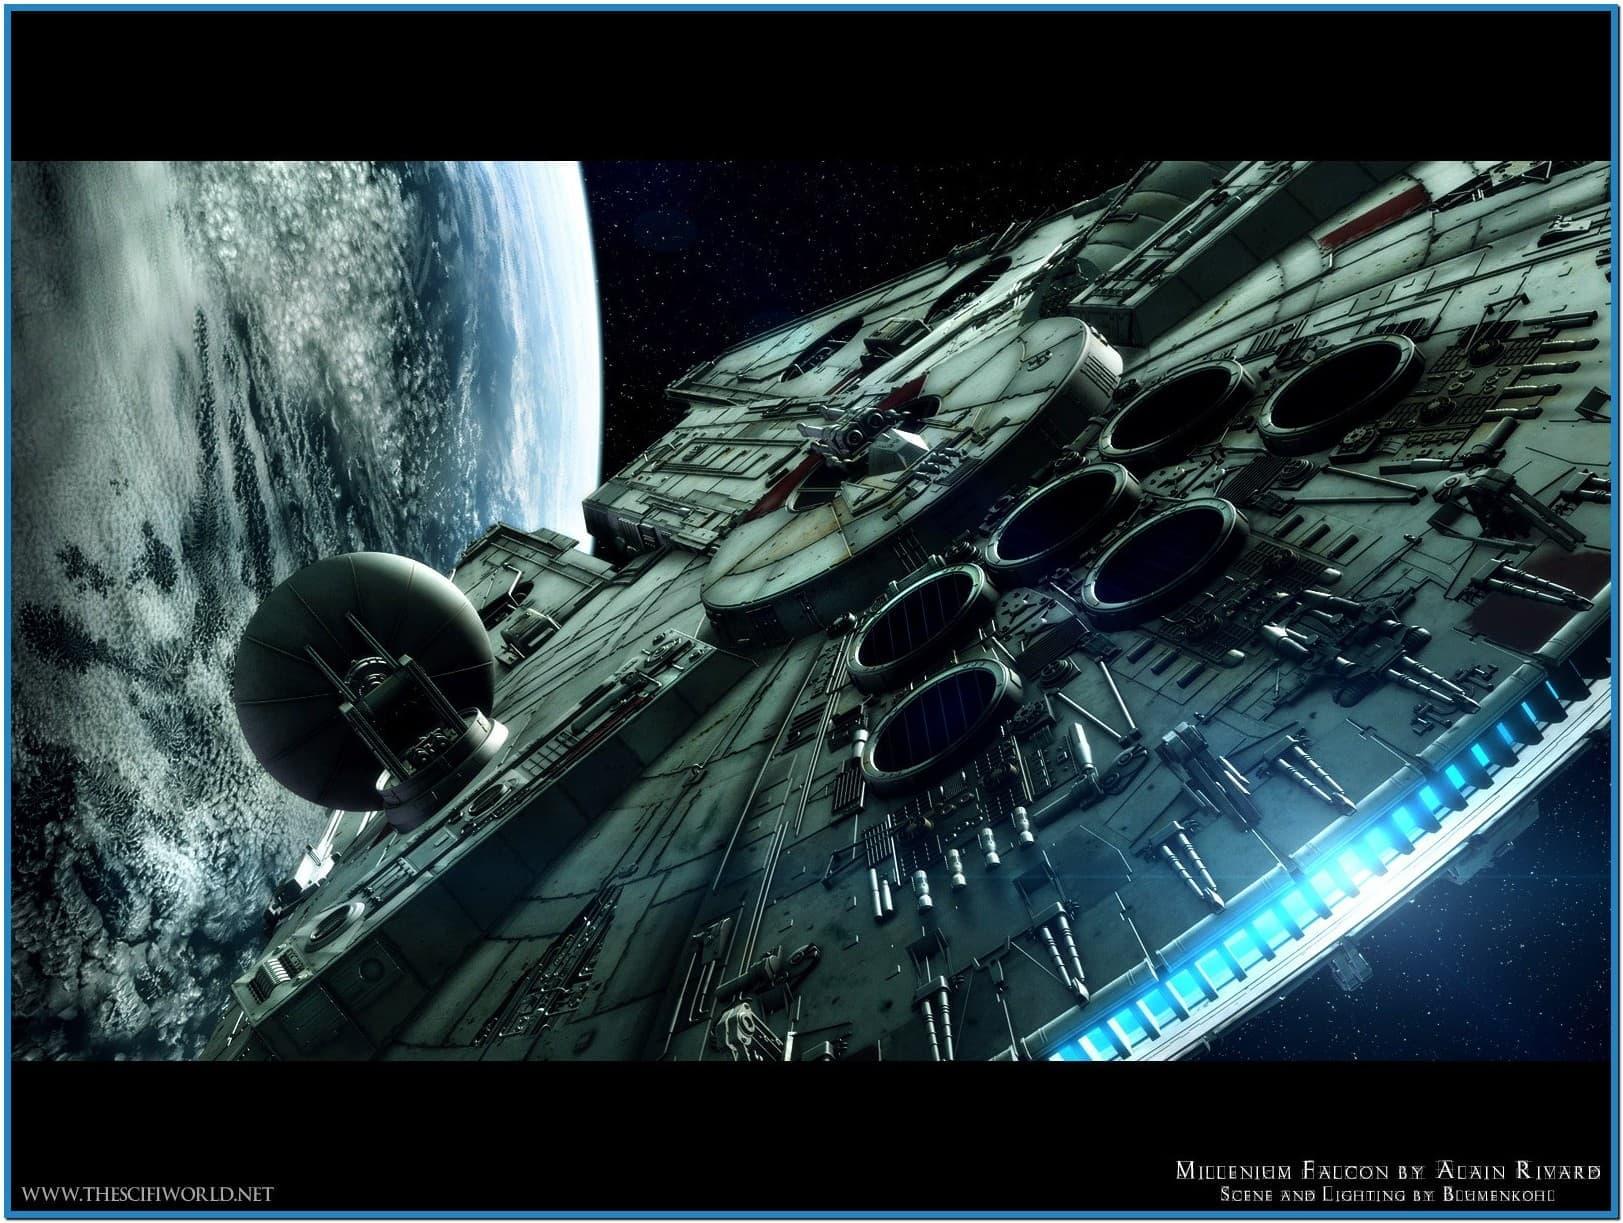 Star wars screensaver 3d windows 7   Download 1623x1223